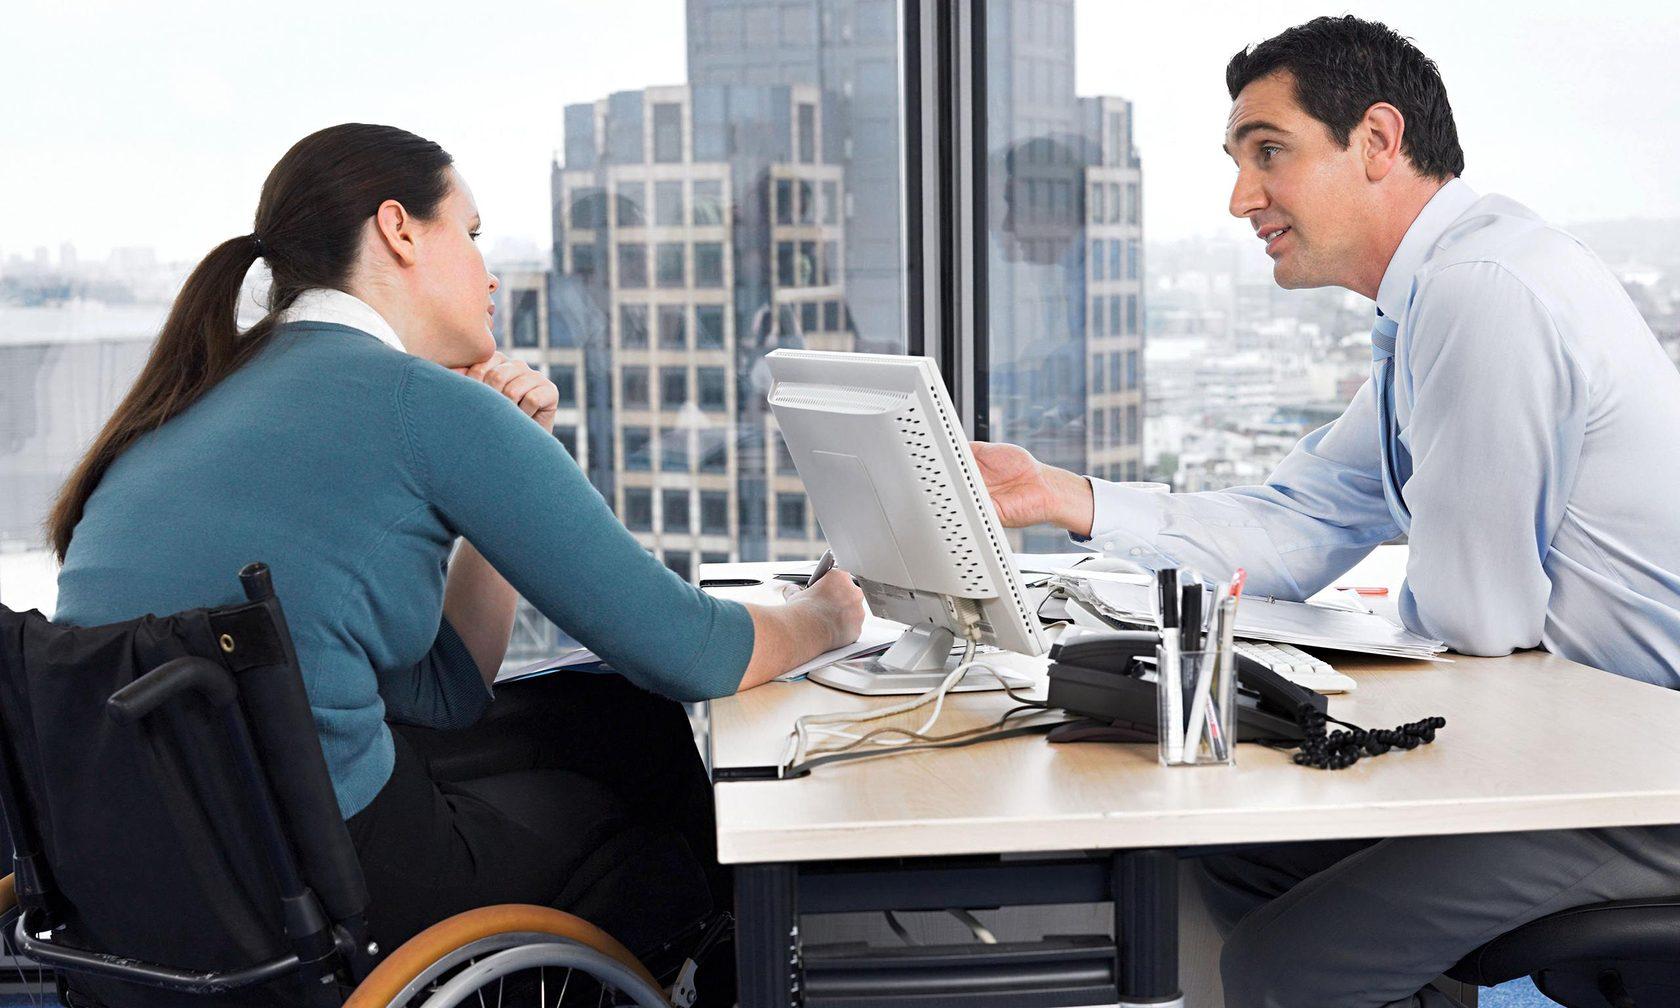 Трудовые права и гарантии лиц с инвалидностью. Адвокат в Запорожье. Юридическое бюро Линия права